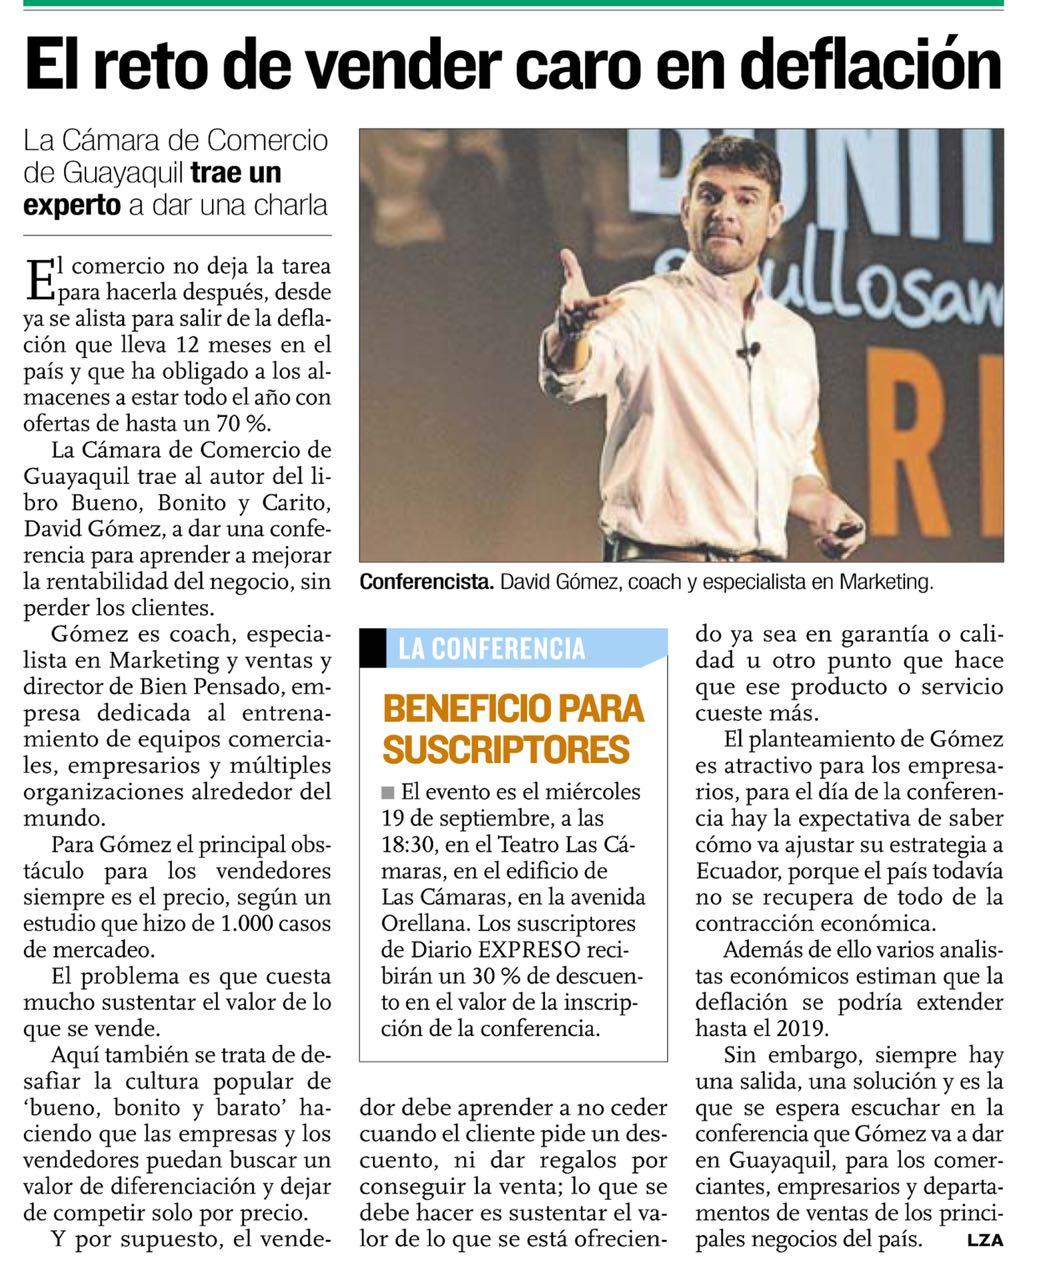 Diario Expreso Ecuador Bueno Bonito y Carito